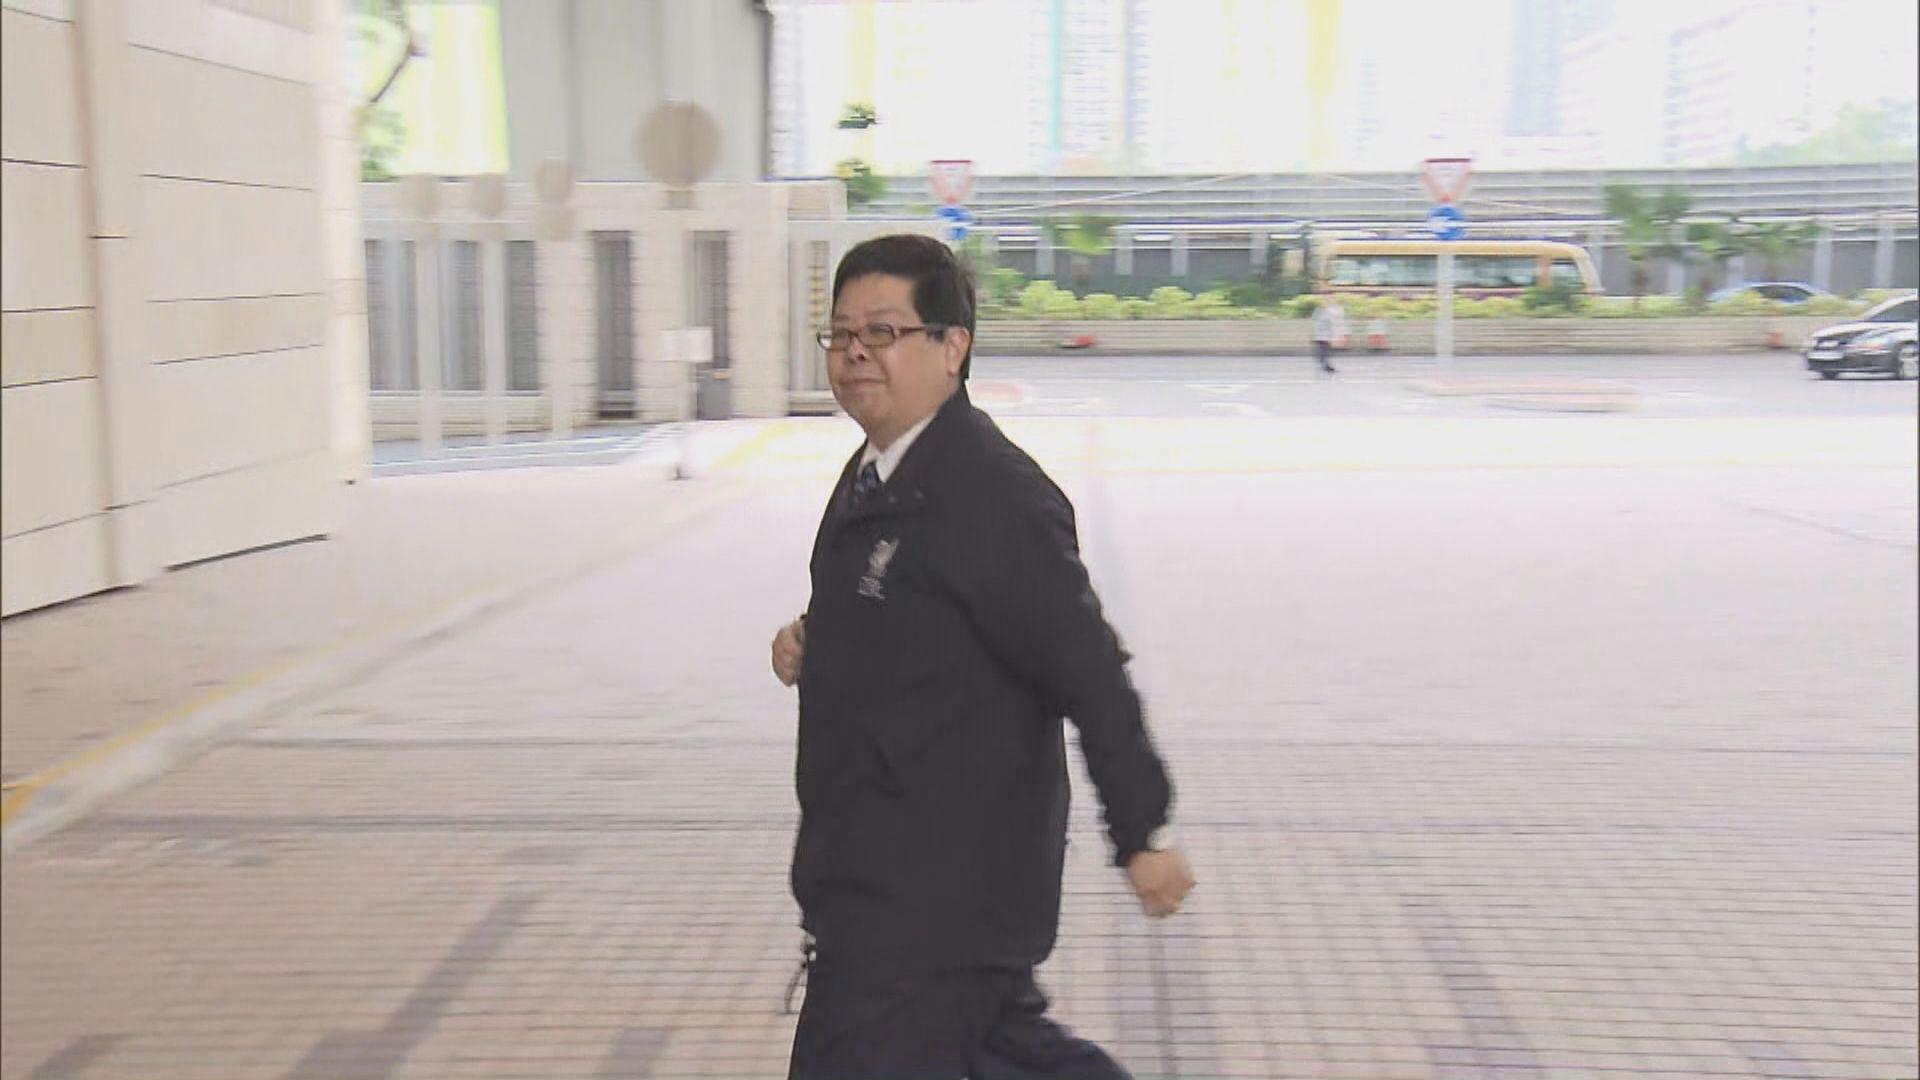 林子健涉虛報案 控方將傳召證人講述傷口報告